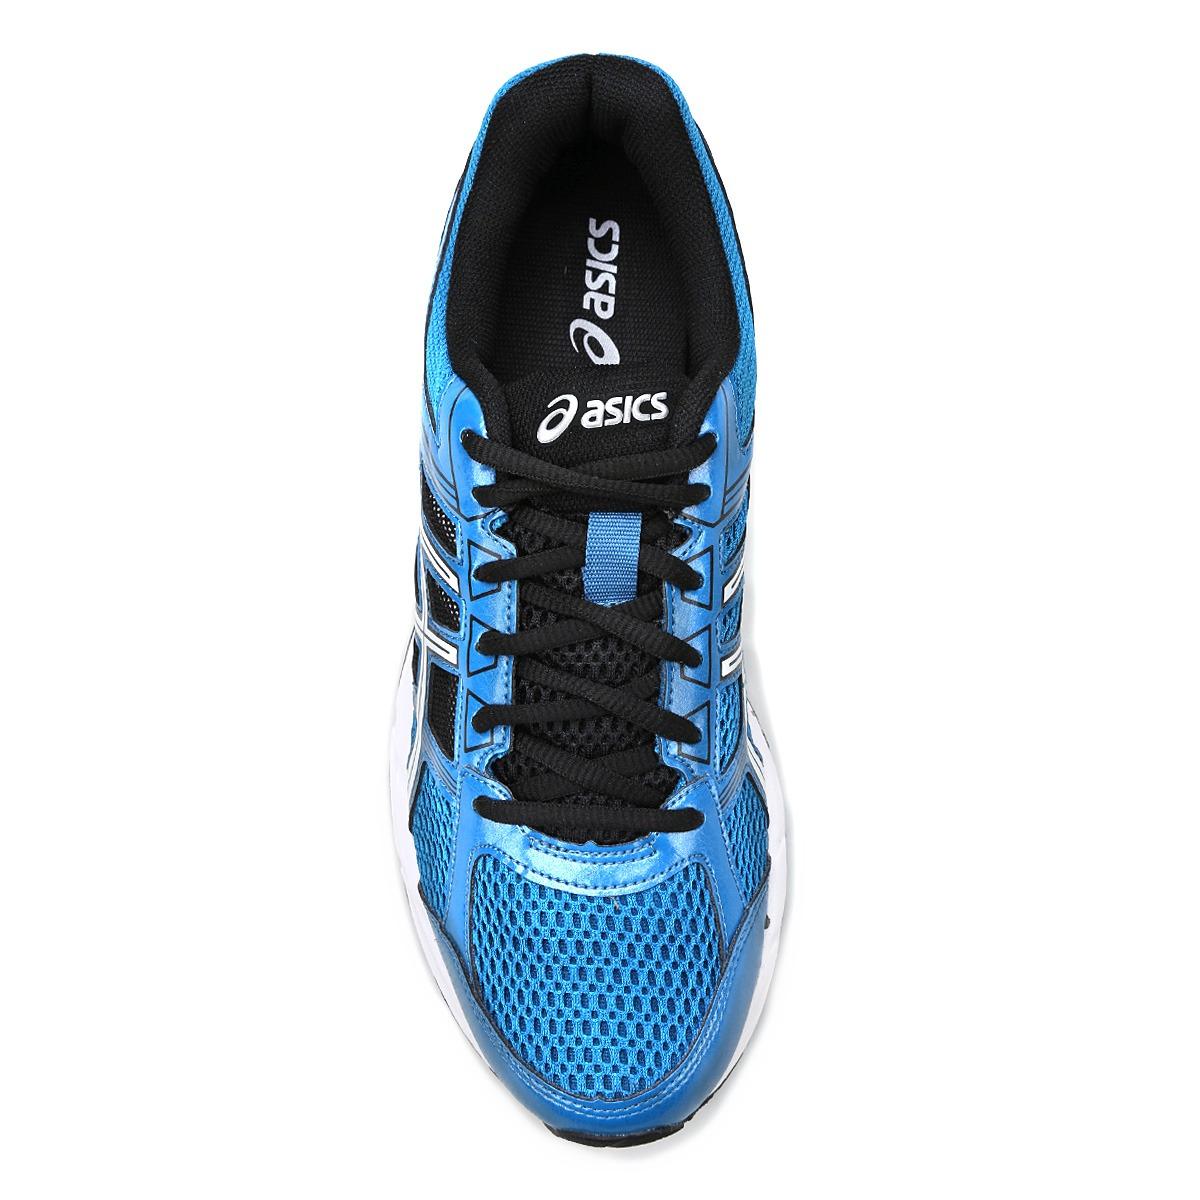 b78a85b14 tênis masculino asics gel contend 4 a lançamento. Carregando zoom.